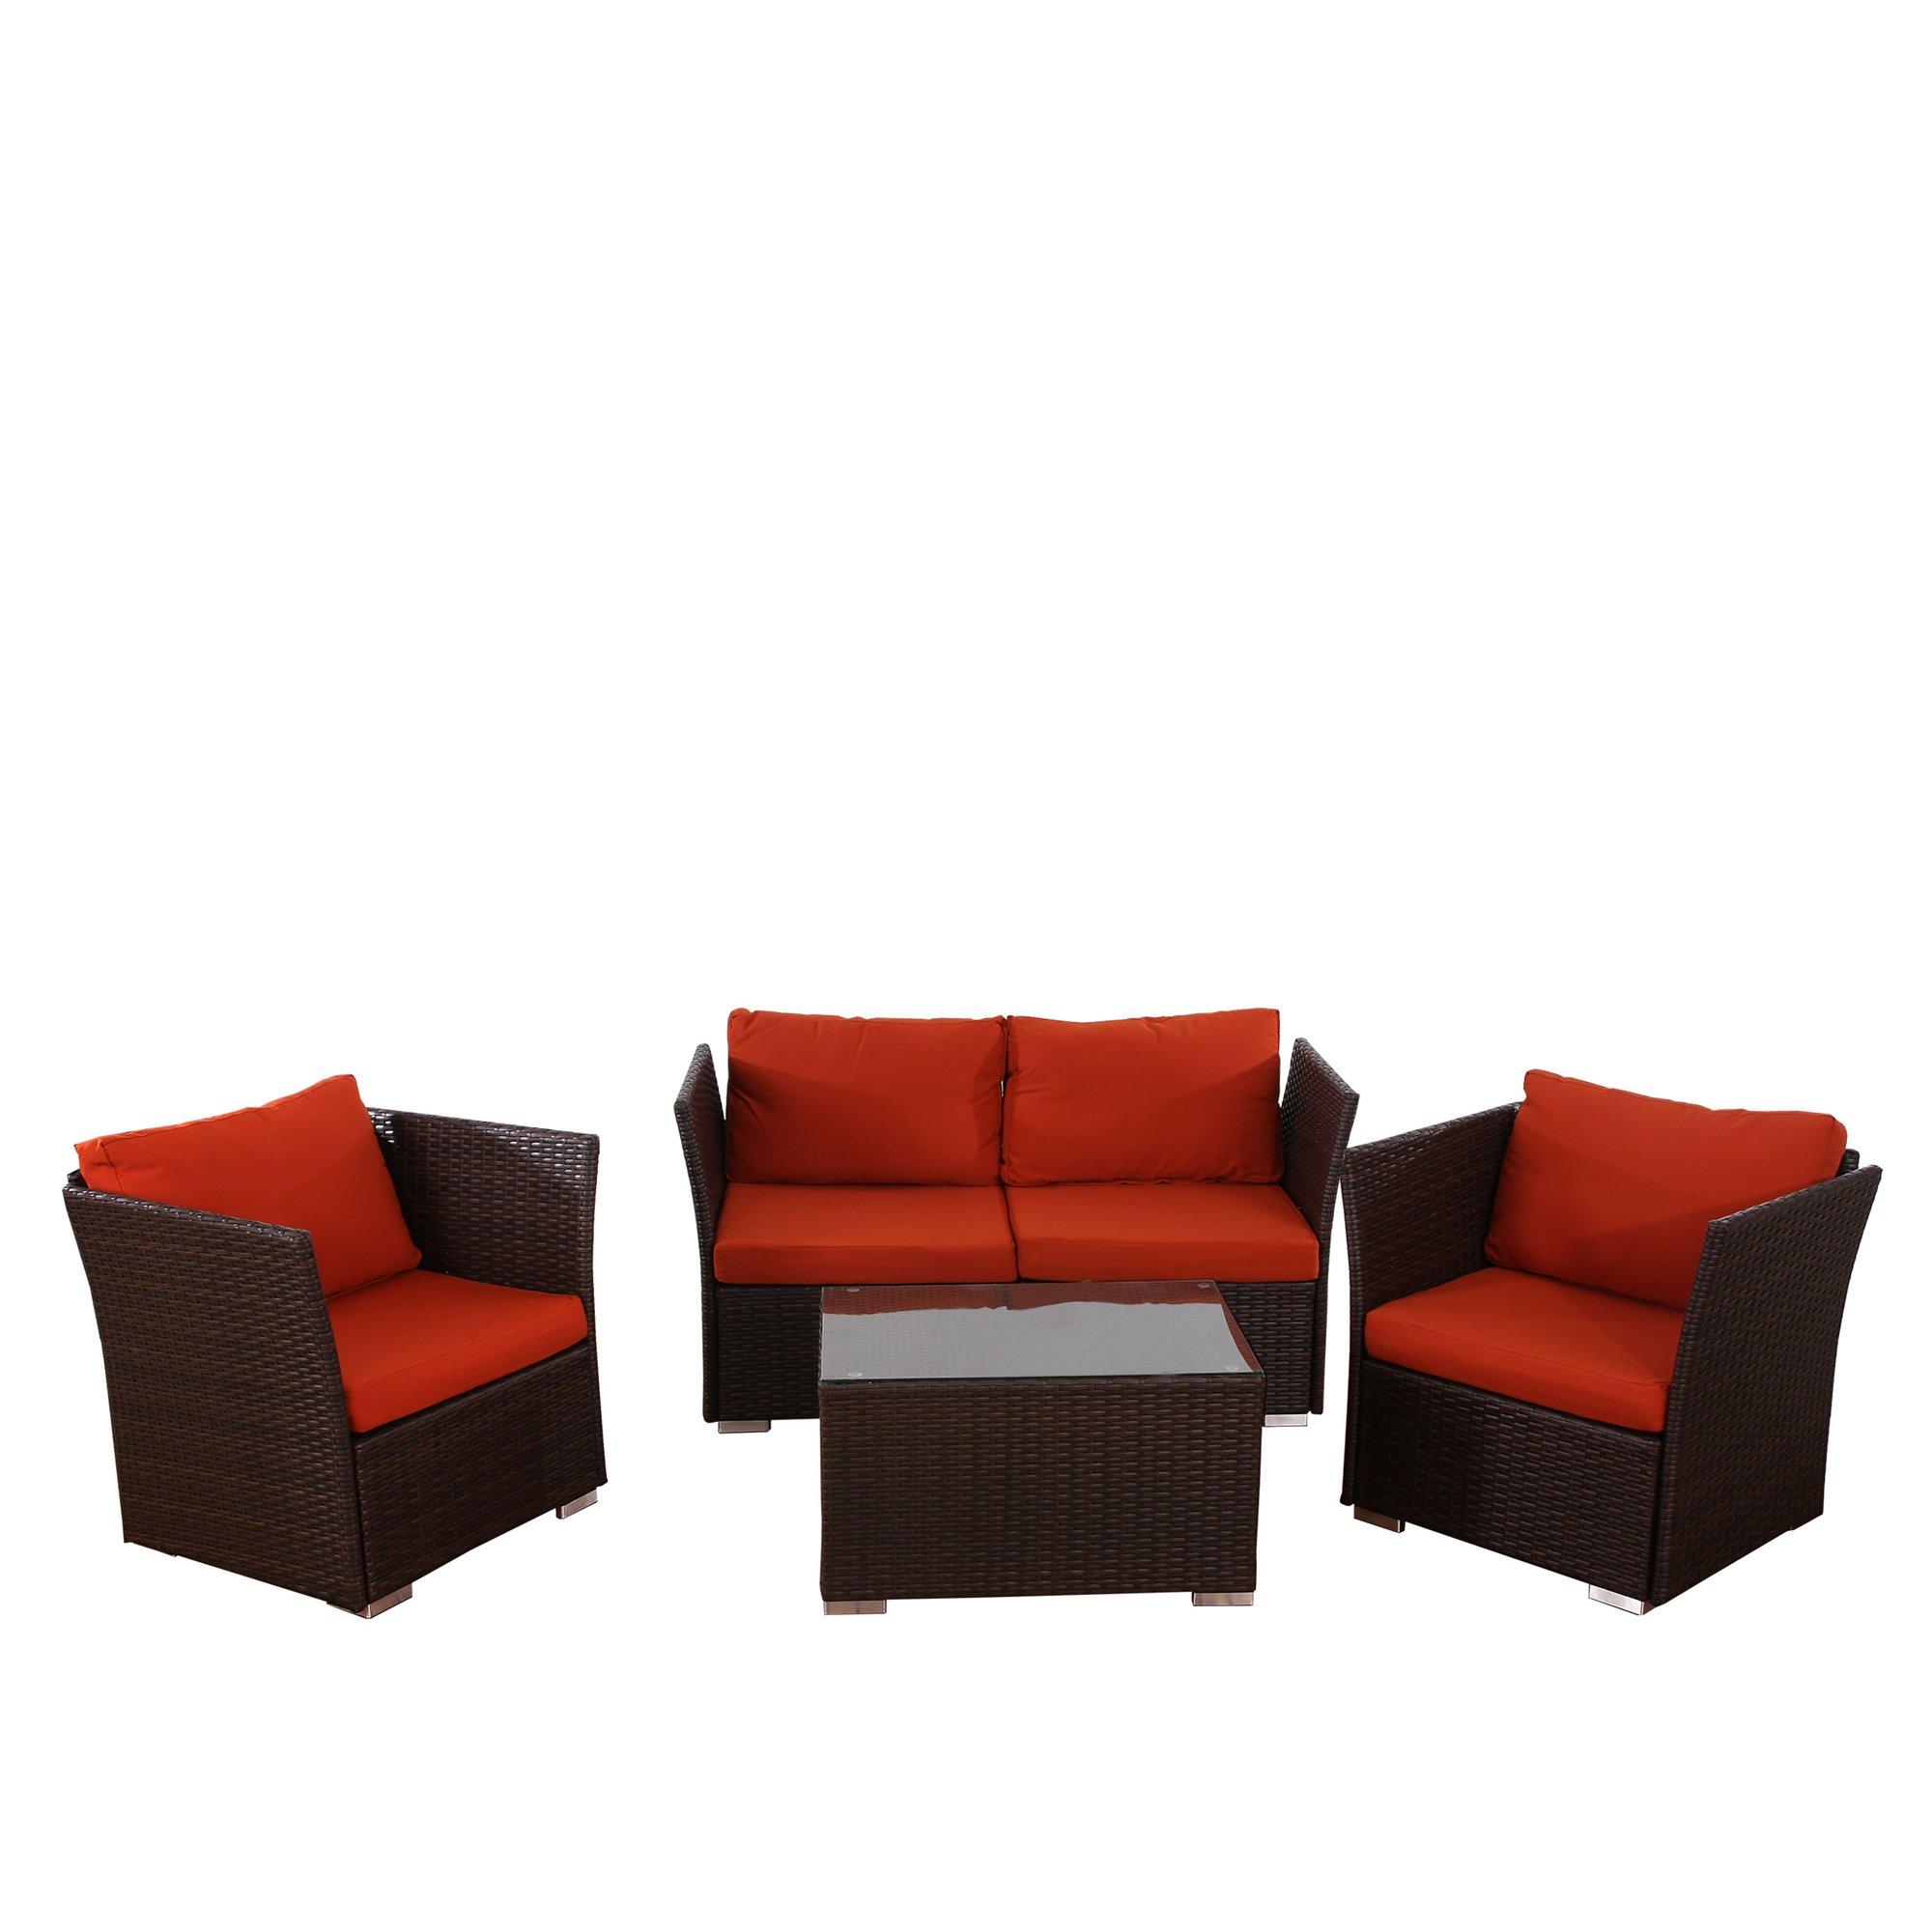 Conjunto de jardin siena sofa 2 sillones mesa for Sillones para jardin baratos